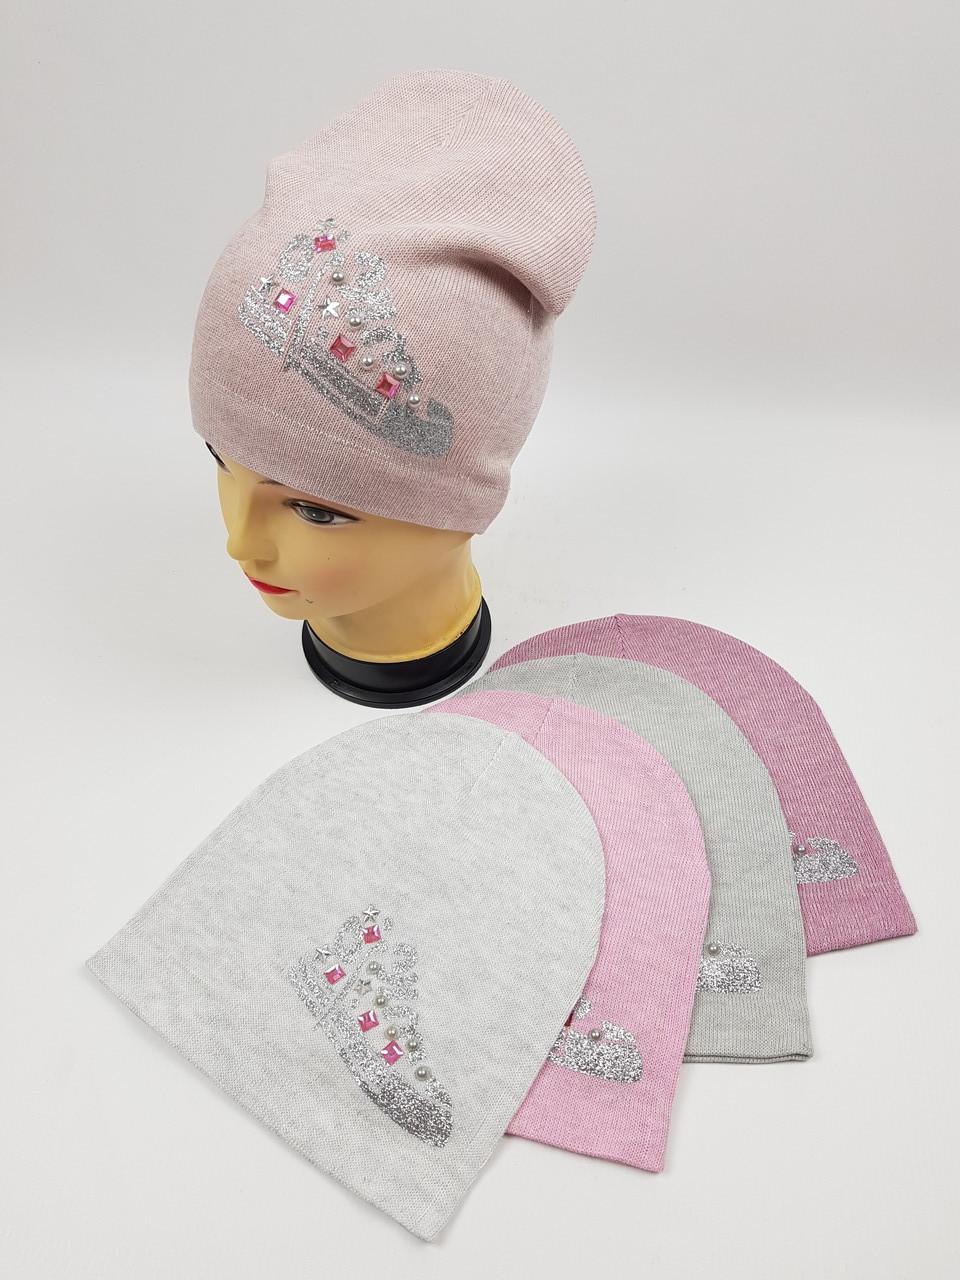 Детские демисезонные вязаные шапки для девочек оптом, р.50-52, ANPA (m9)